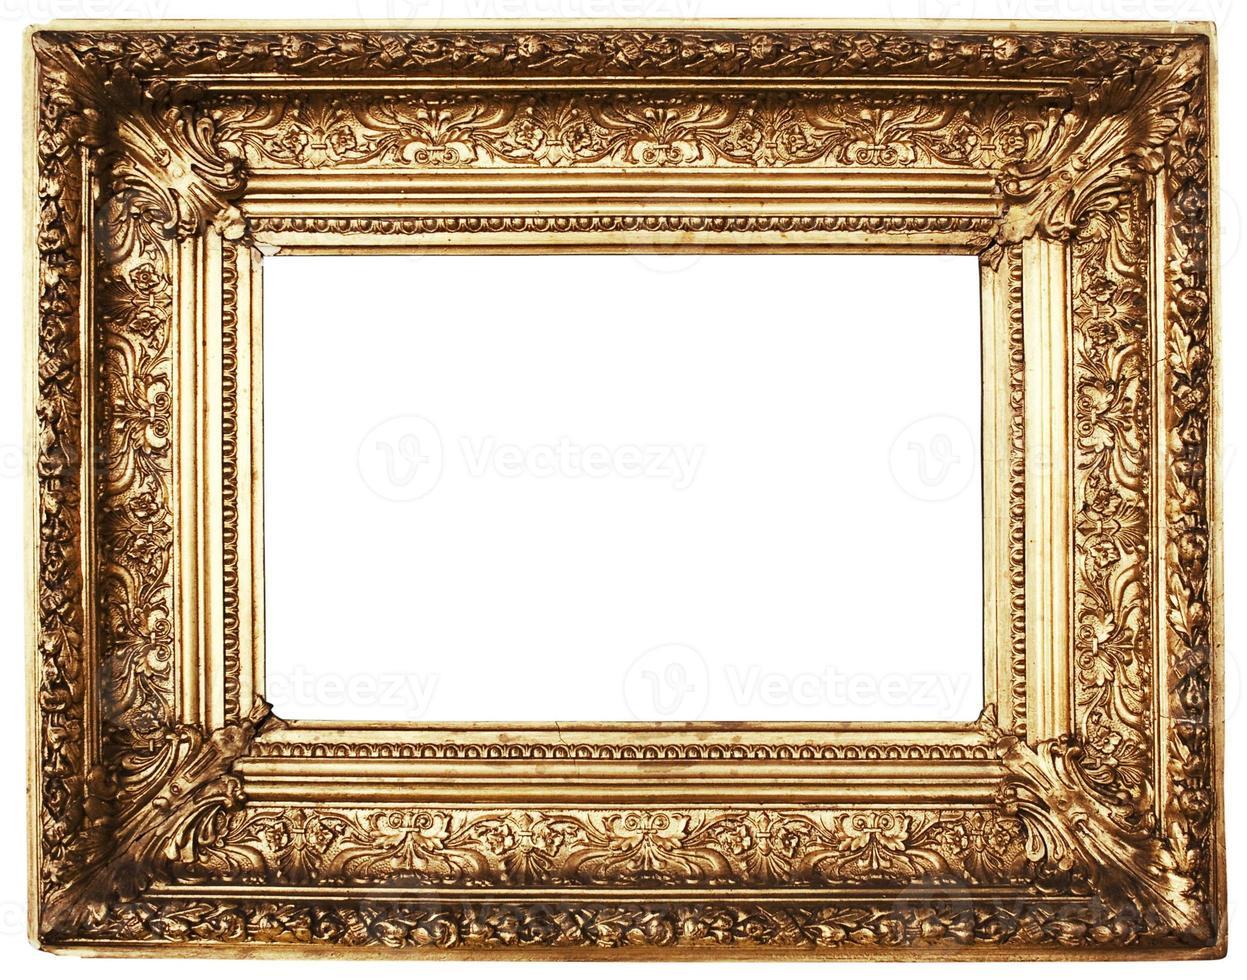 moldura de ouro ornamentada (caminho incluído) foto